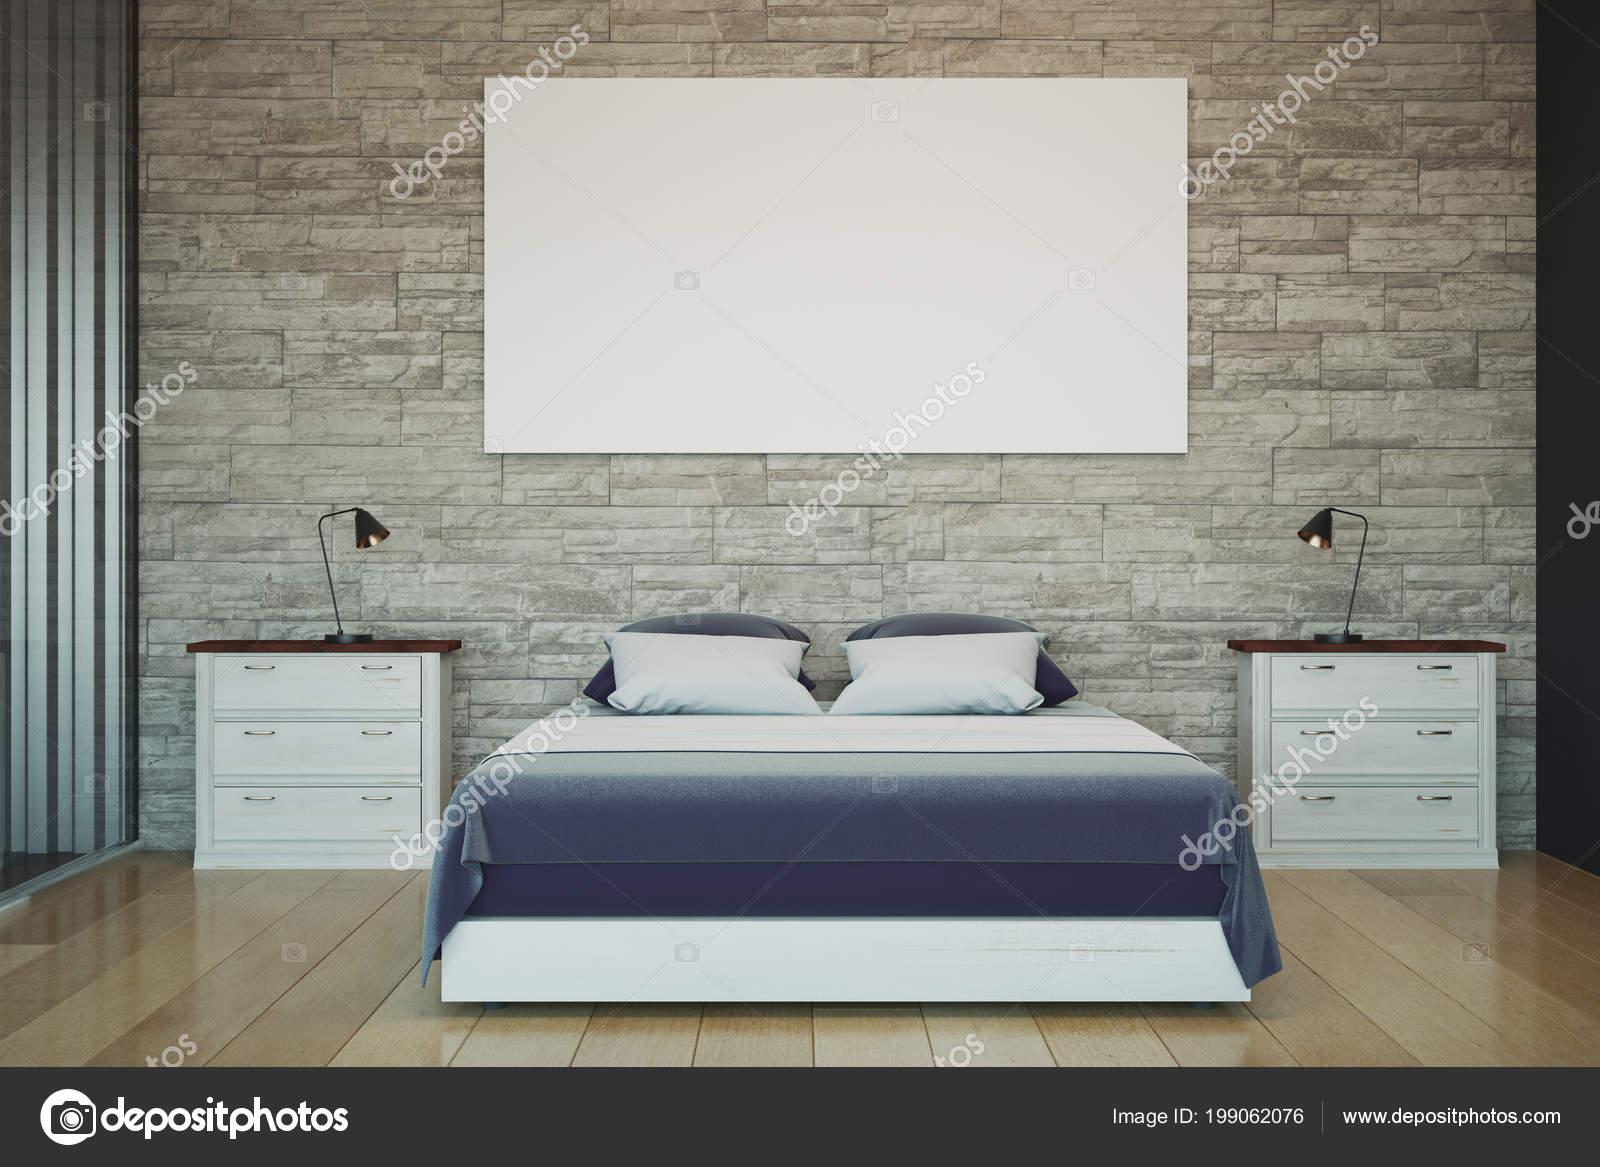 Schon Moderne Schlafzimmer Innere Leere Weiße Poster Wand Konzept Design Und U2014  Stockfoto